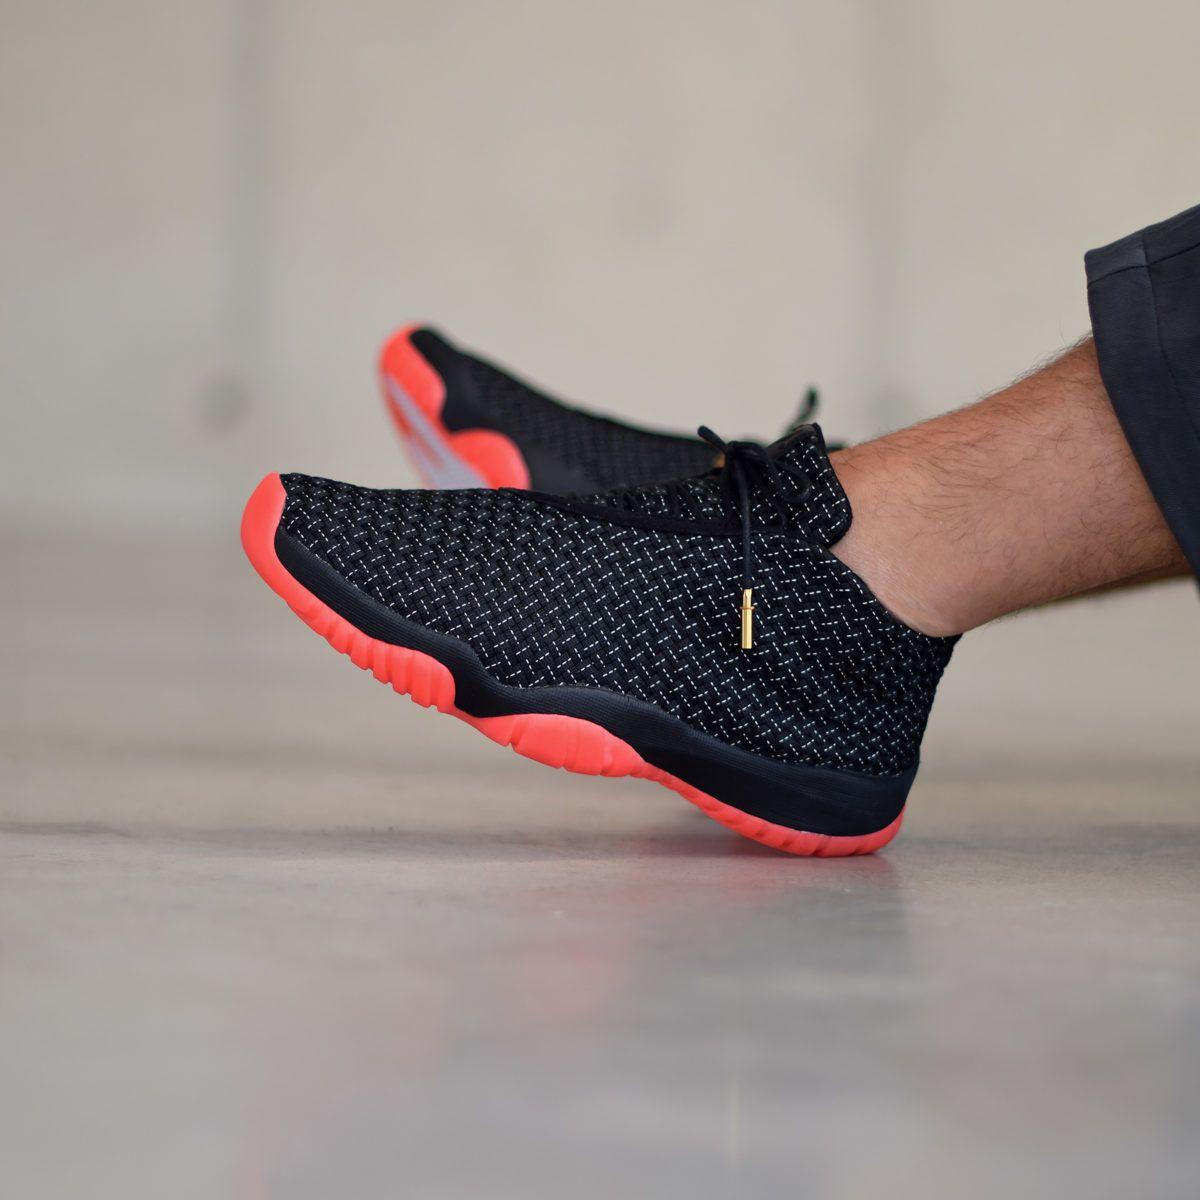 Comment acheter la Air Jordan Future PRM OG 'Black Infrared